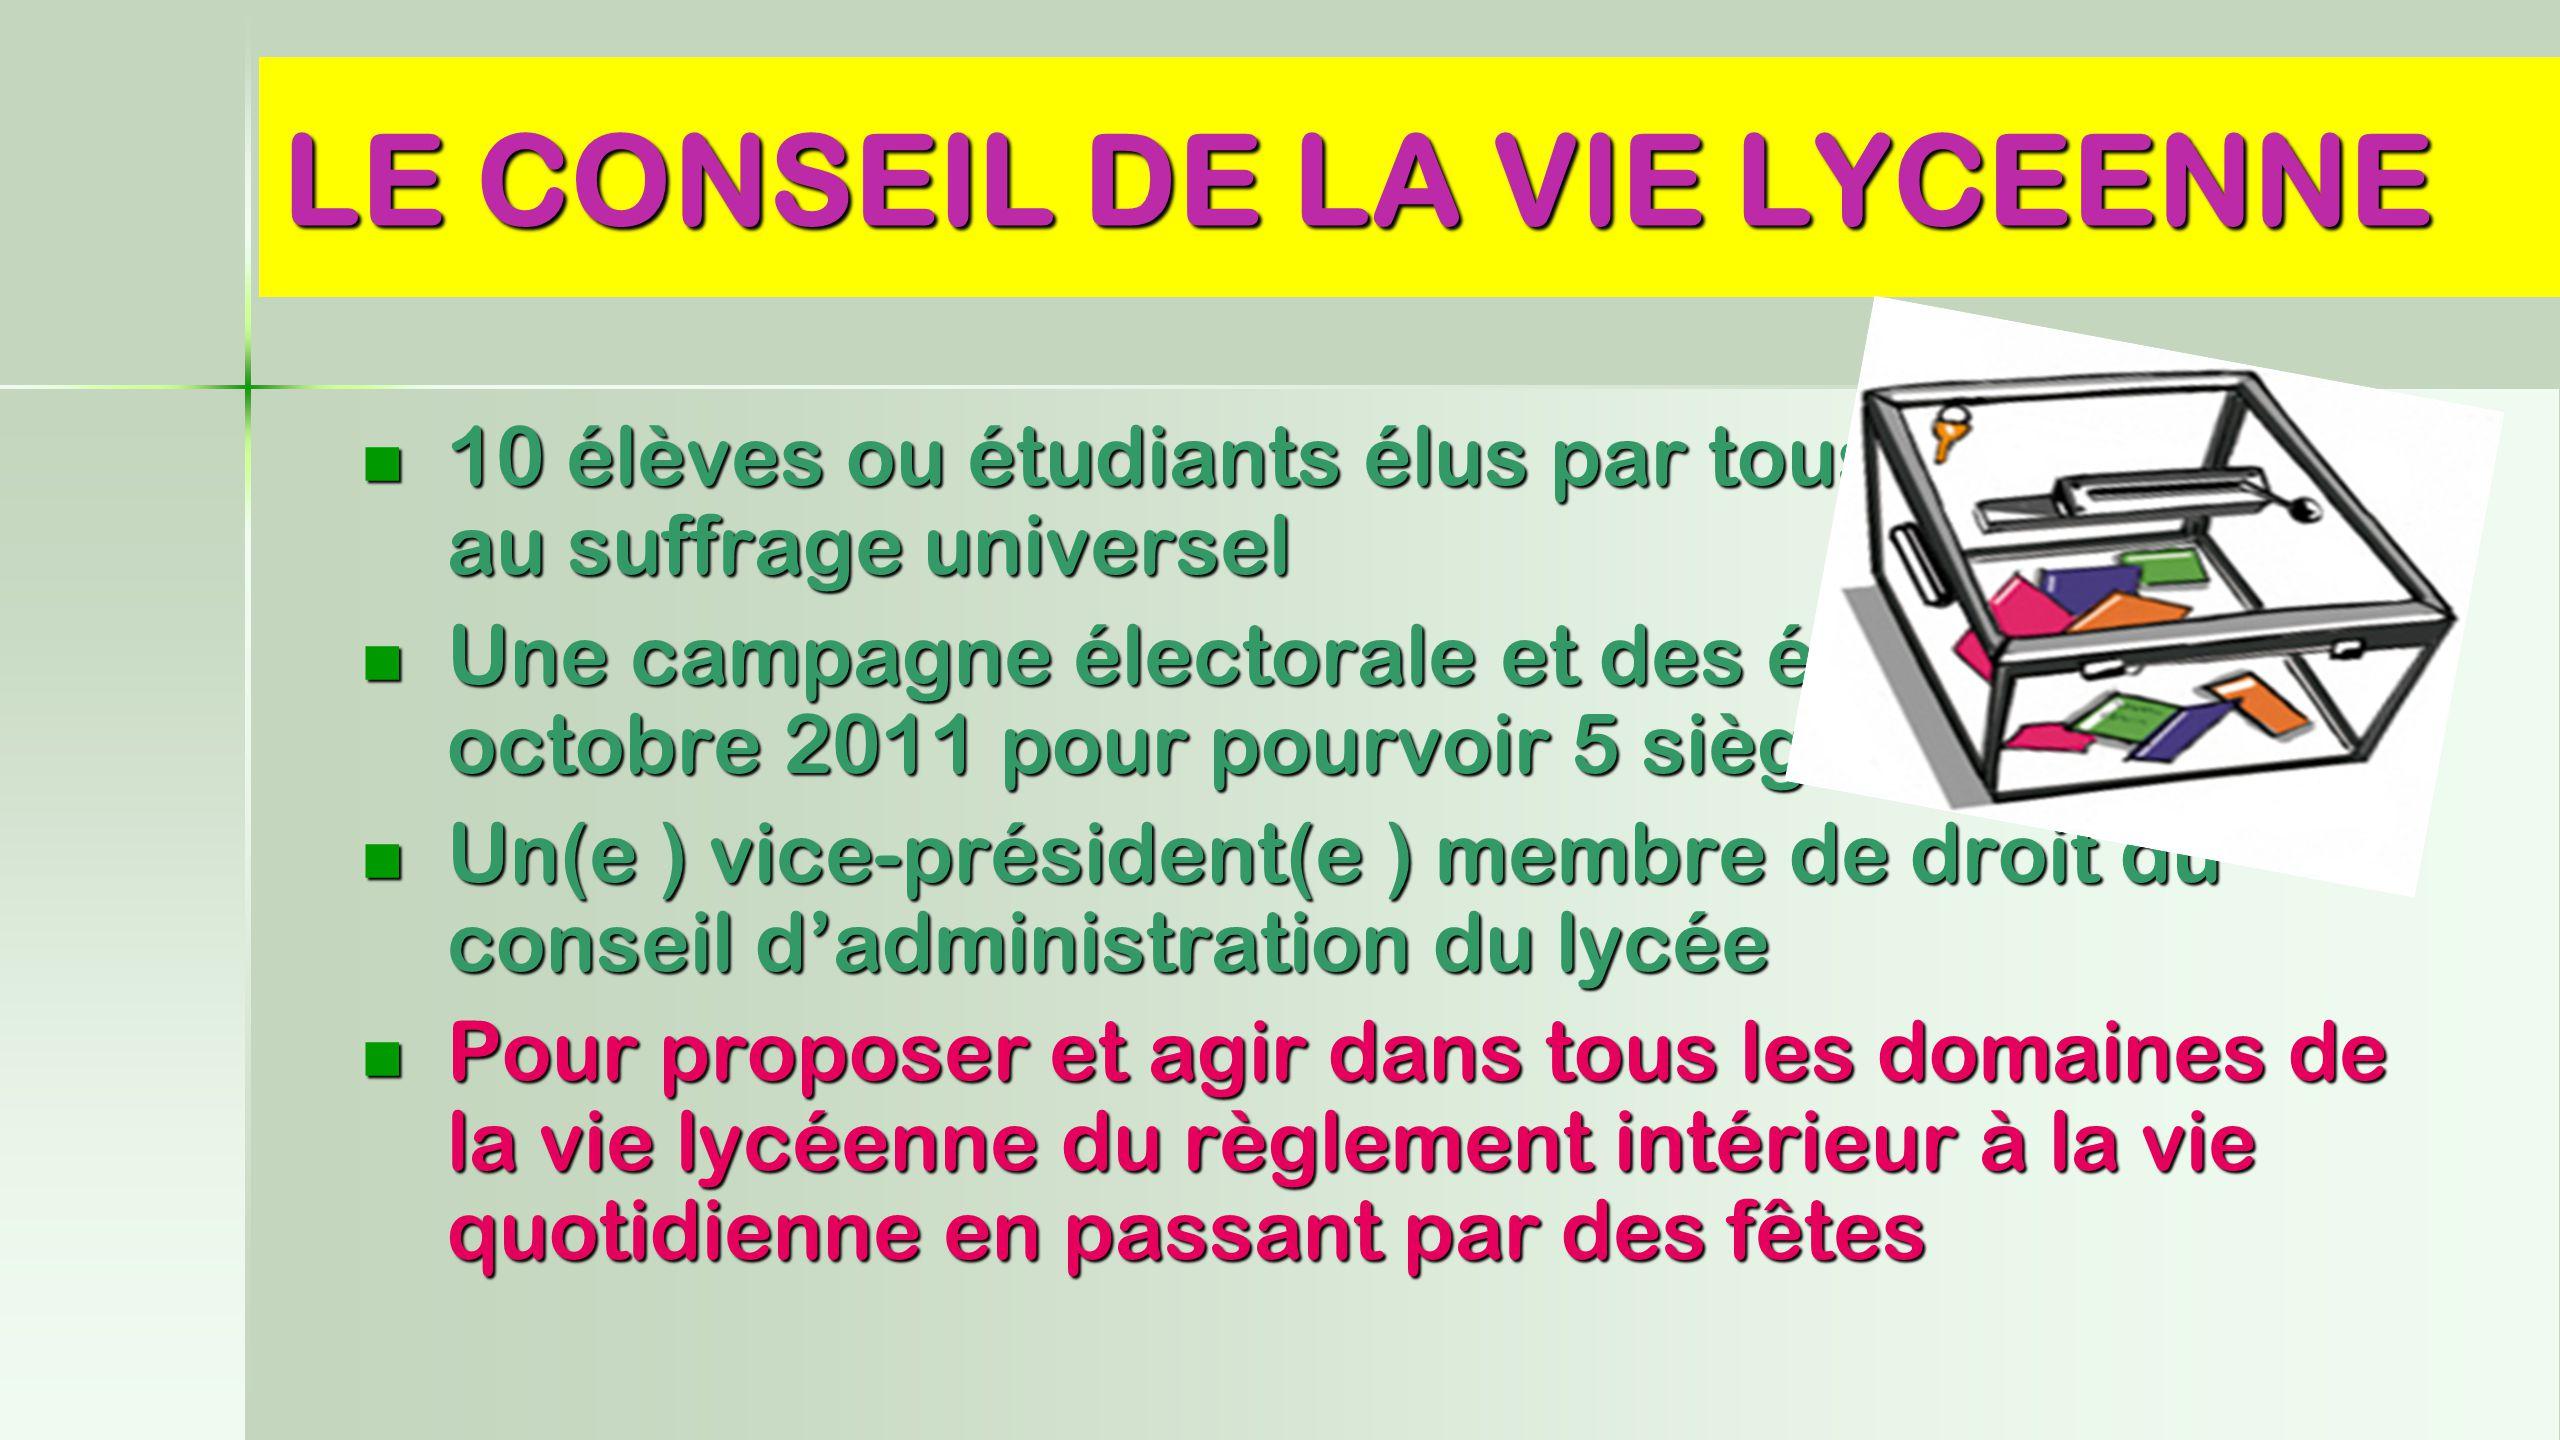 LE CONSEIL DE LA VIE LYCEENNE 10 élèves ou étudiants élus par tous les lycéens au suffrage universel Une campagne électorale et des élections en octob